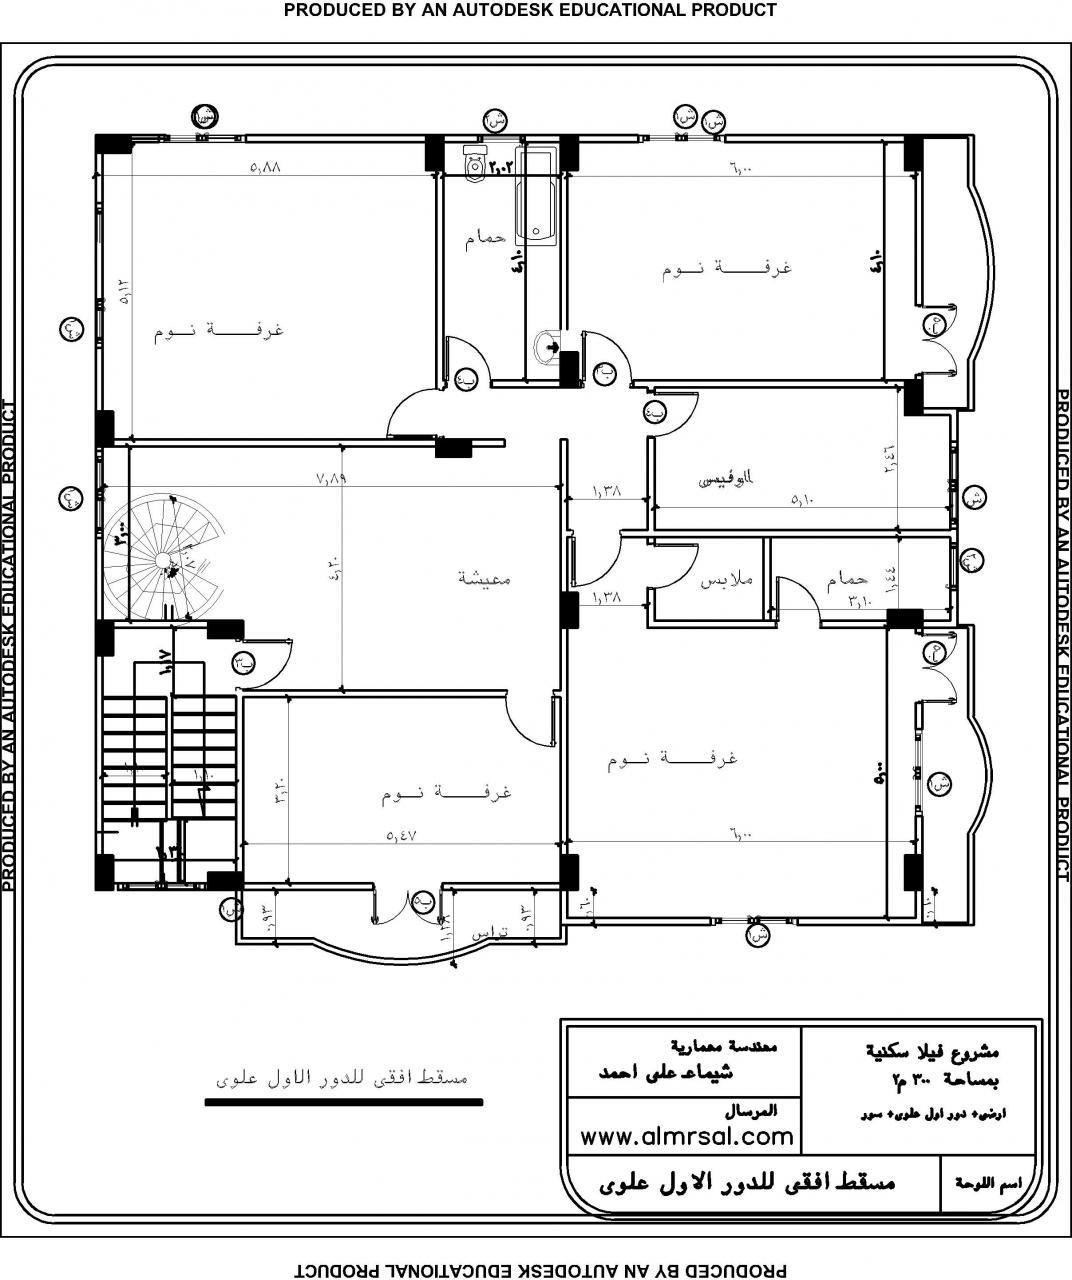 صورة خرائط منازل 2099 1